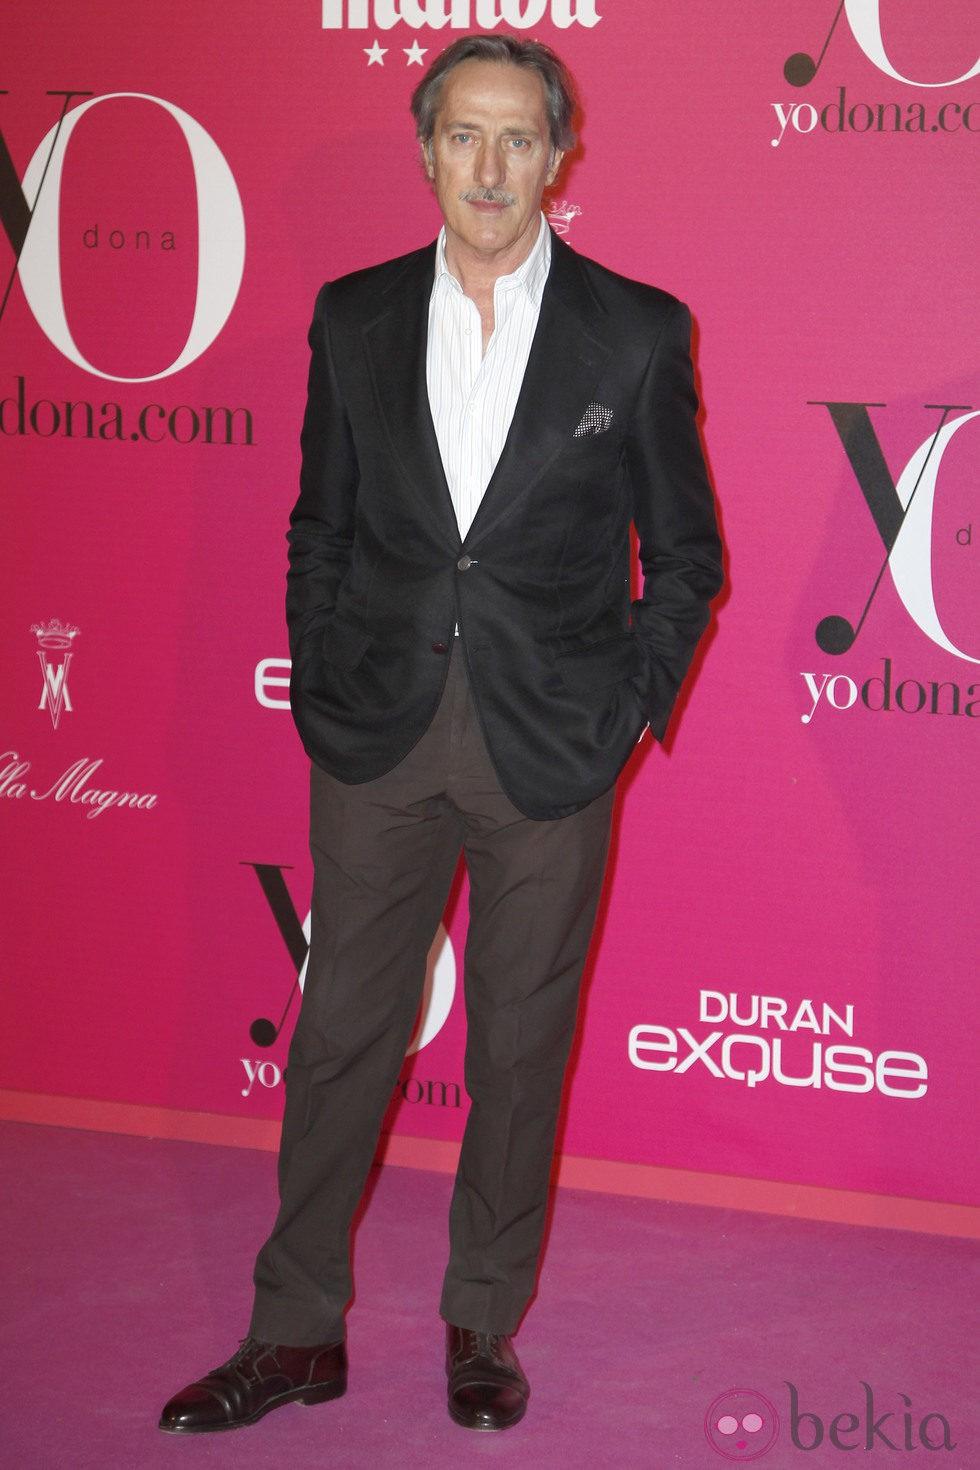 Roberto Torretta en la fiesta Yo Dona de la Fashion Week Madrid